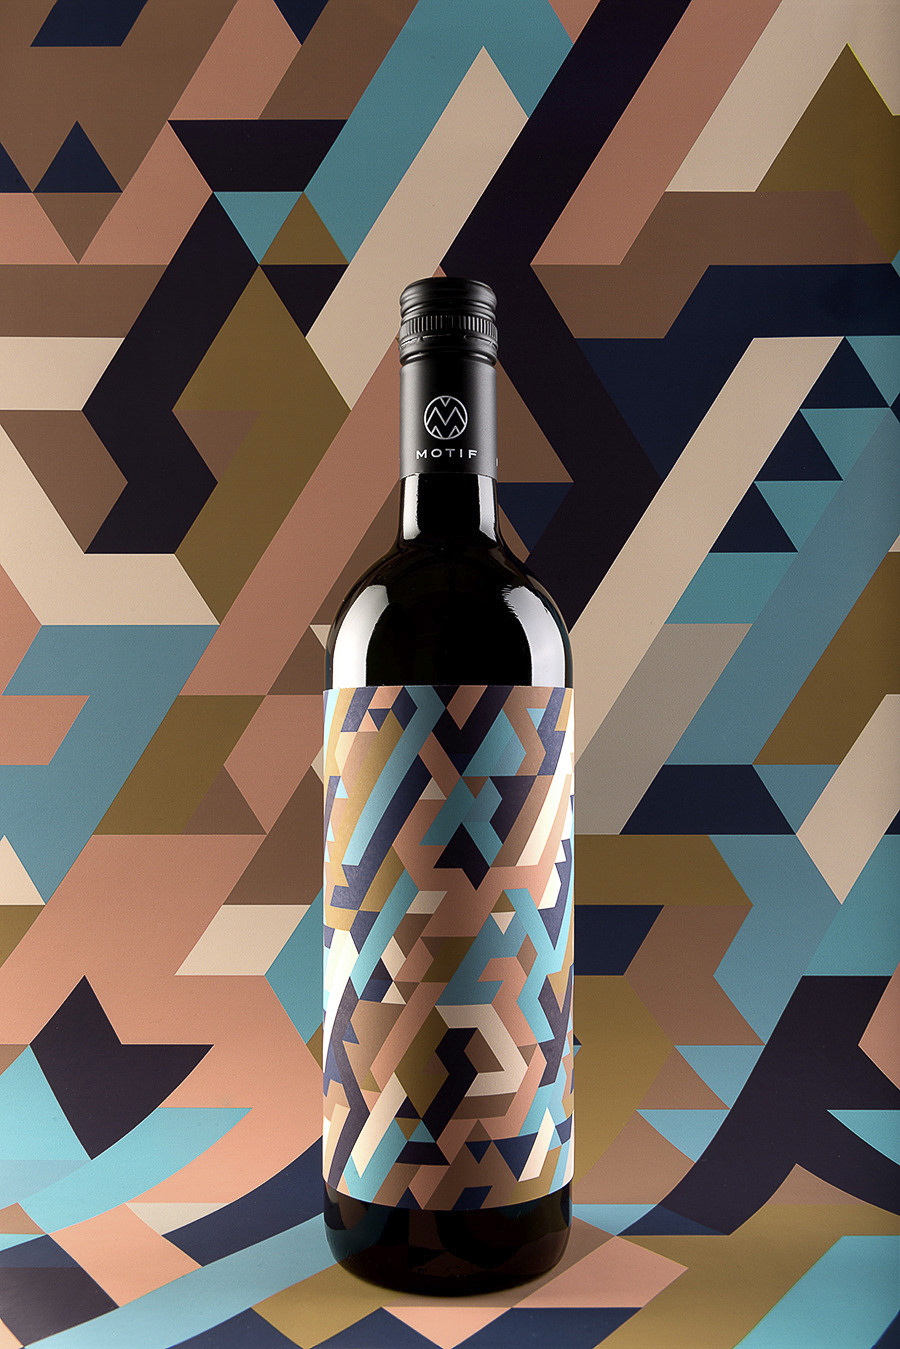 MOTIF Fine Art Wine by Stefan Leitner, Kristina Bartosova, and EN GARDE_